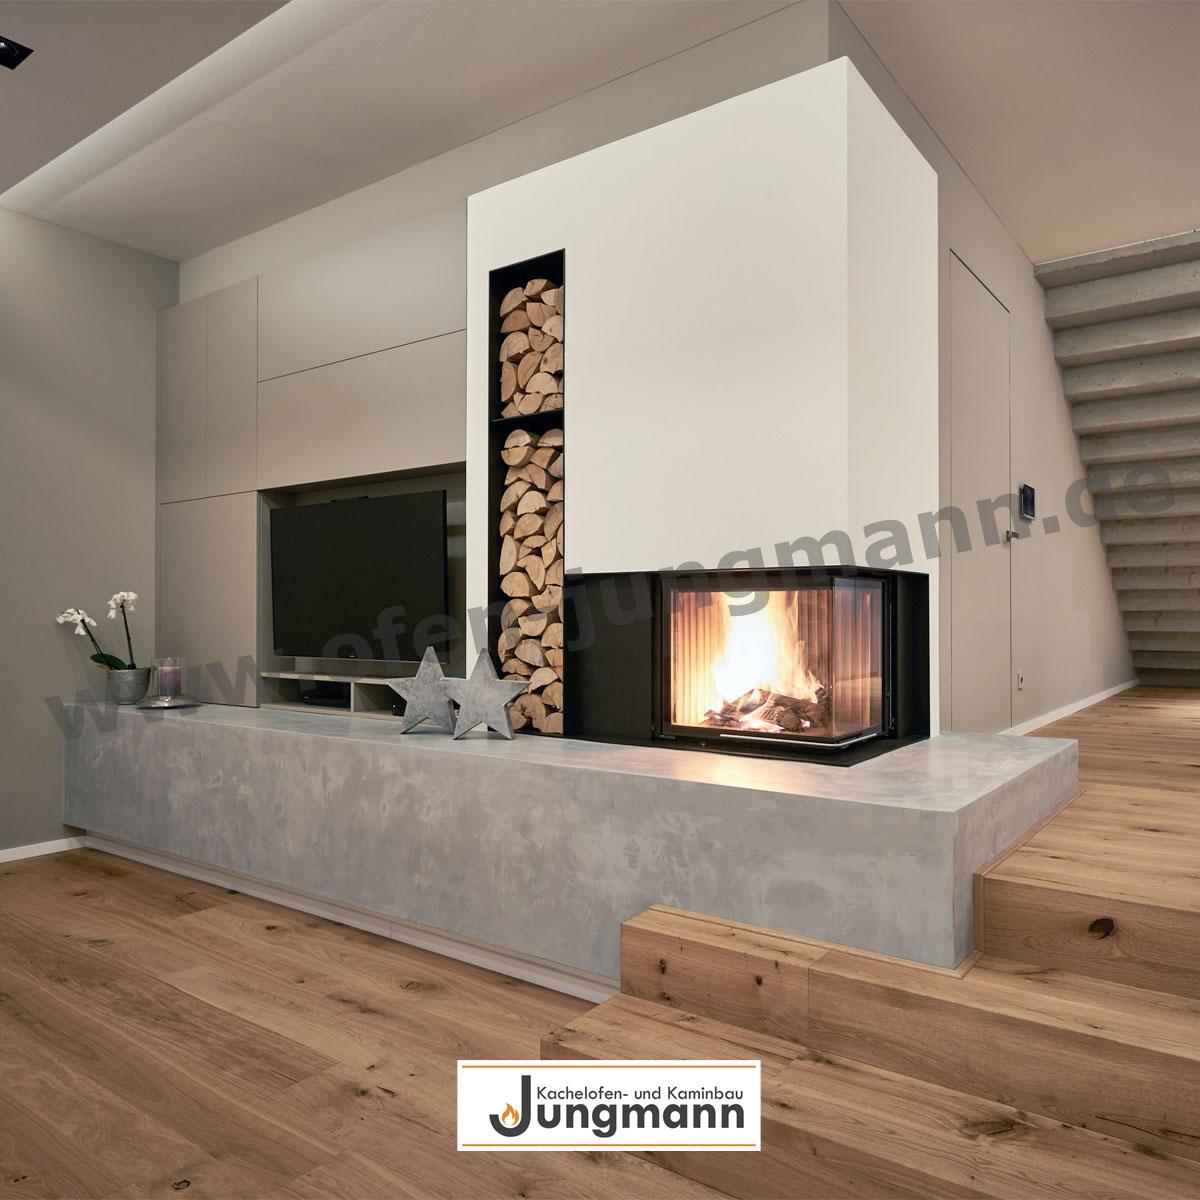 heizkamine f r behagliche w rme in ihrem haus kachelofen jungmann. Black Bedroom Furniture Sets. Home Design Ideas